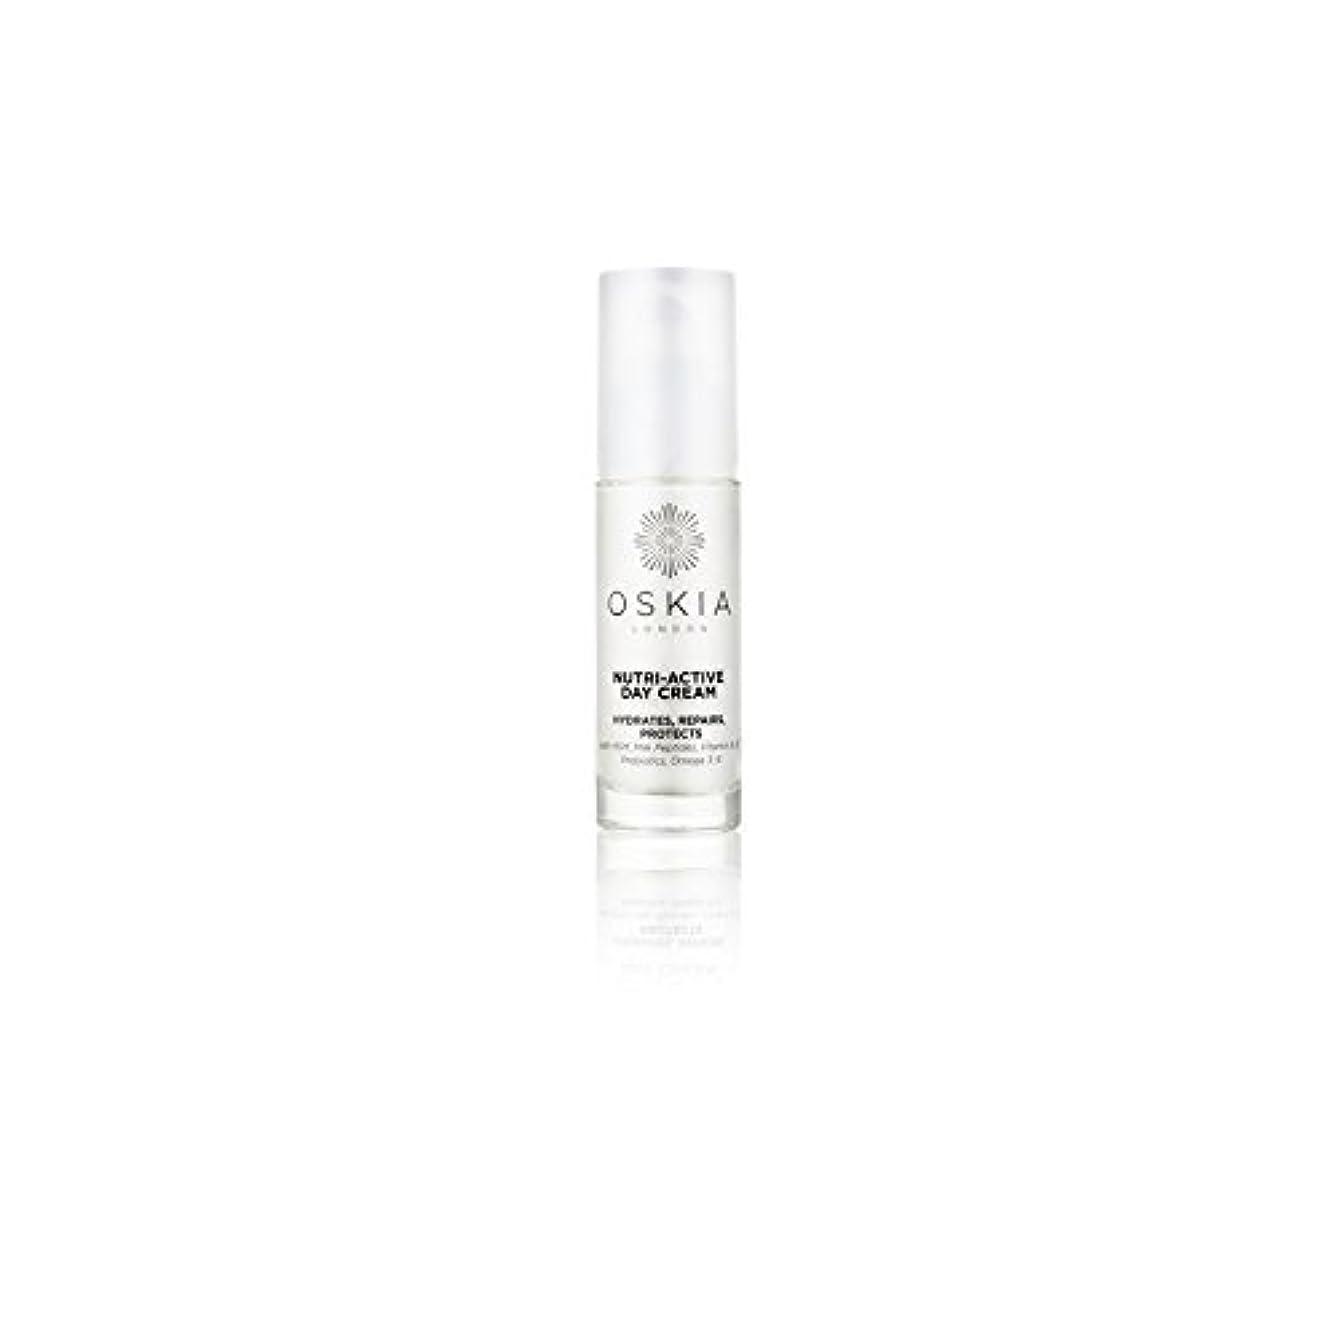 いつもイヤホン煙Oskia Nutri-Active Day Cream (40ml) (Pack of 6) - のニュートリアクティブデイクリーム(40ミリリットル) x6 [並行輸入品]